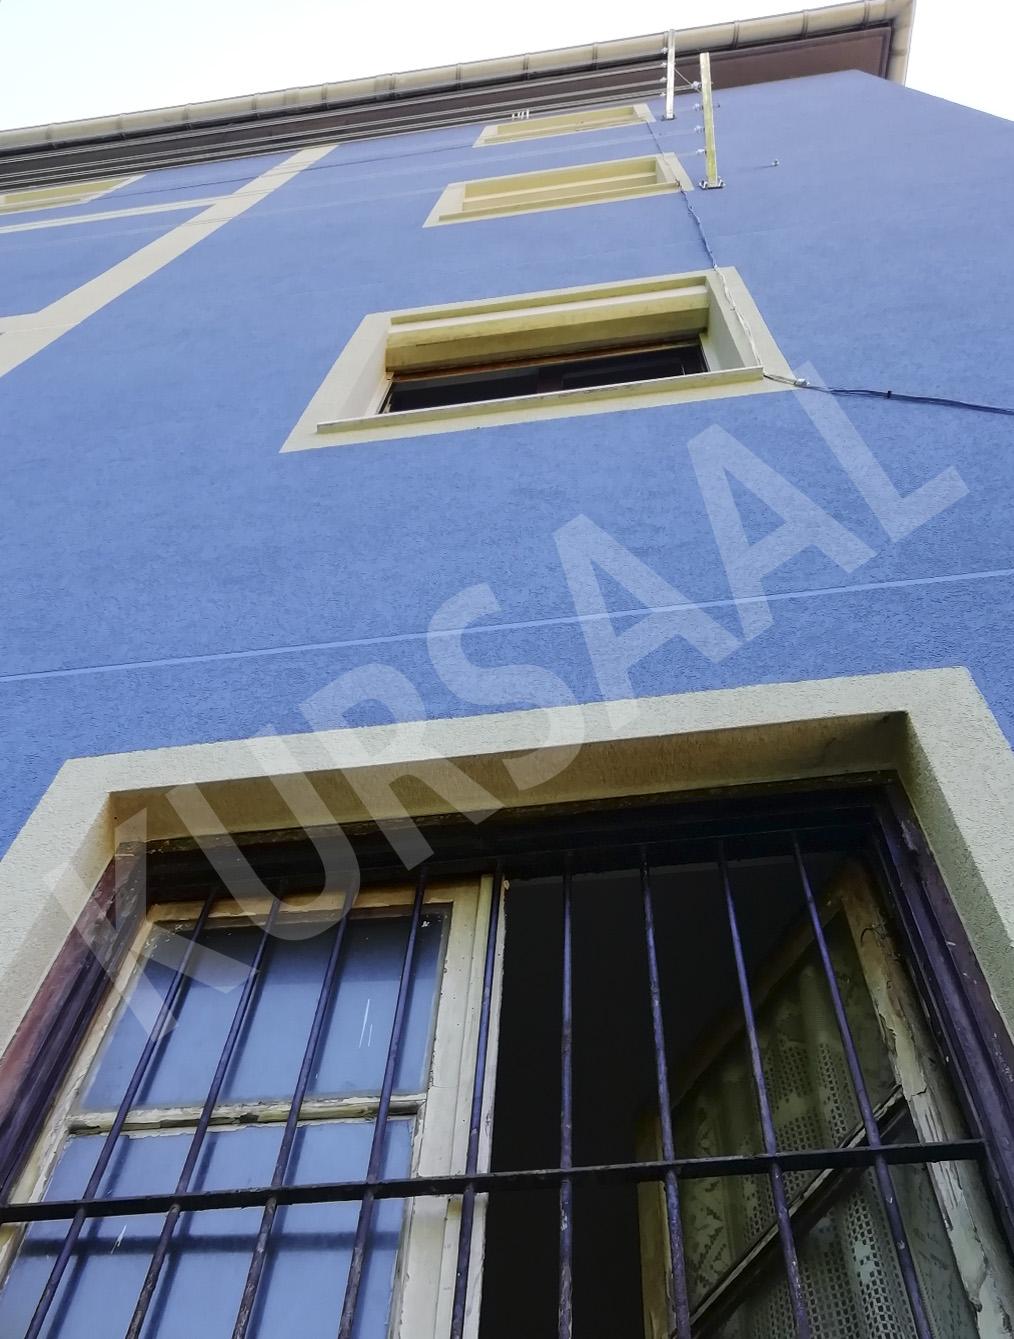 foto 2 - Aislamientos Térmicos y Eficiencia Energética-Casares 66-PASAIA, GIPUZKOA